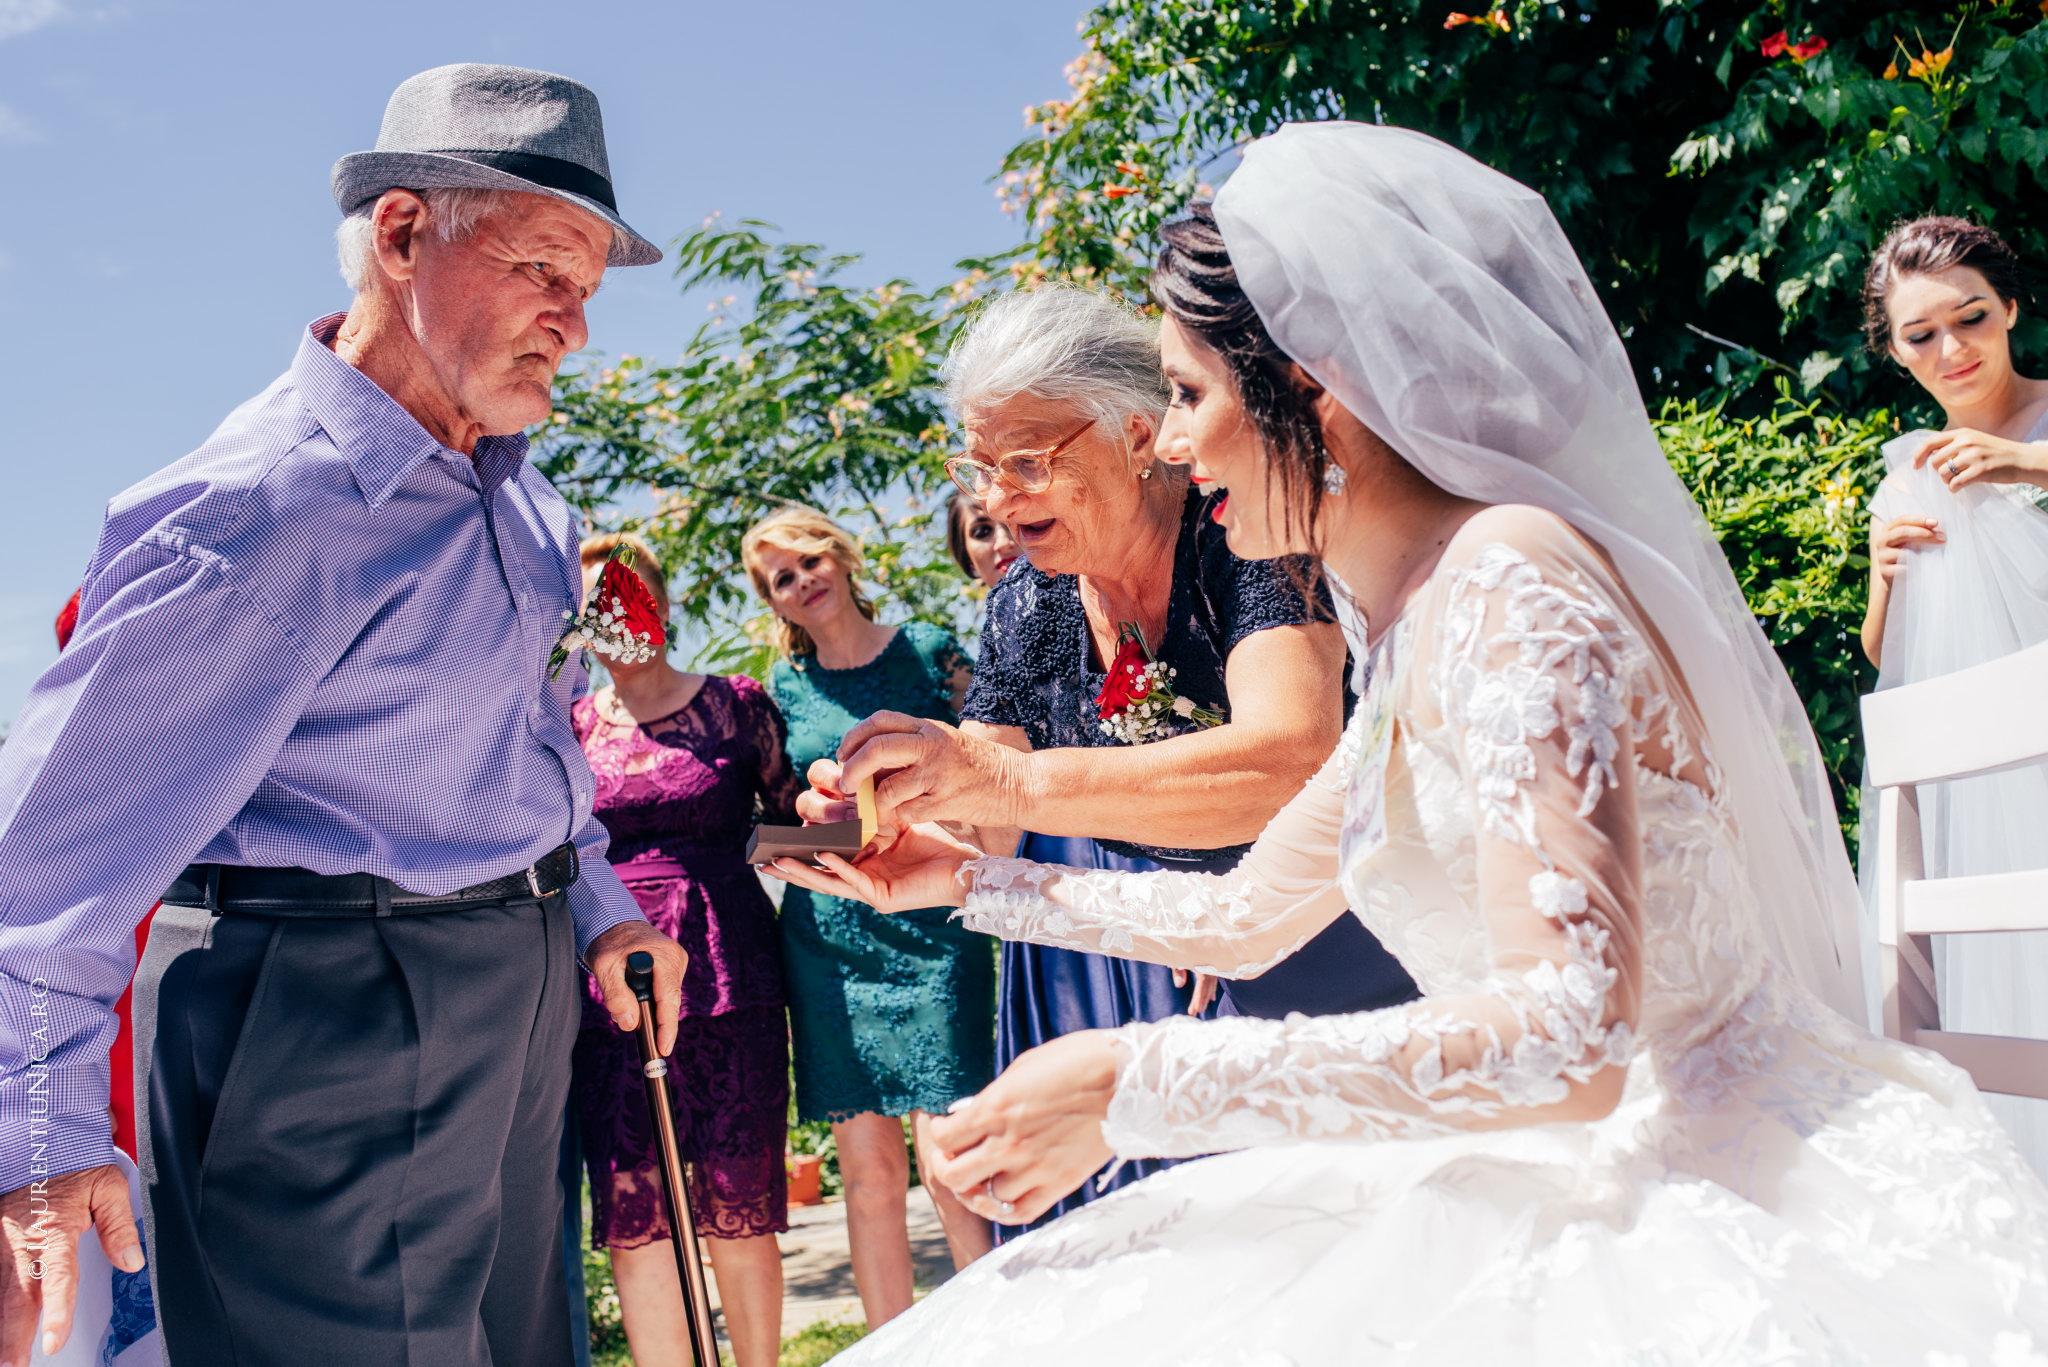 fotografii nunta denisa si florin craiova 51 - Denisa & Florin | Fotografii nunta | Craiova